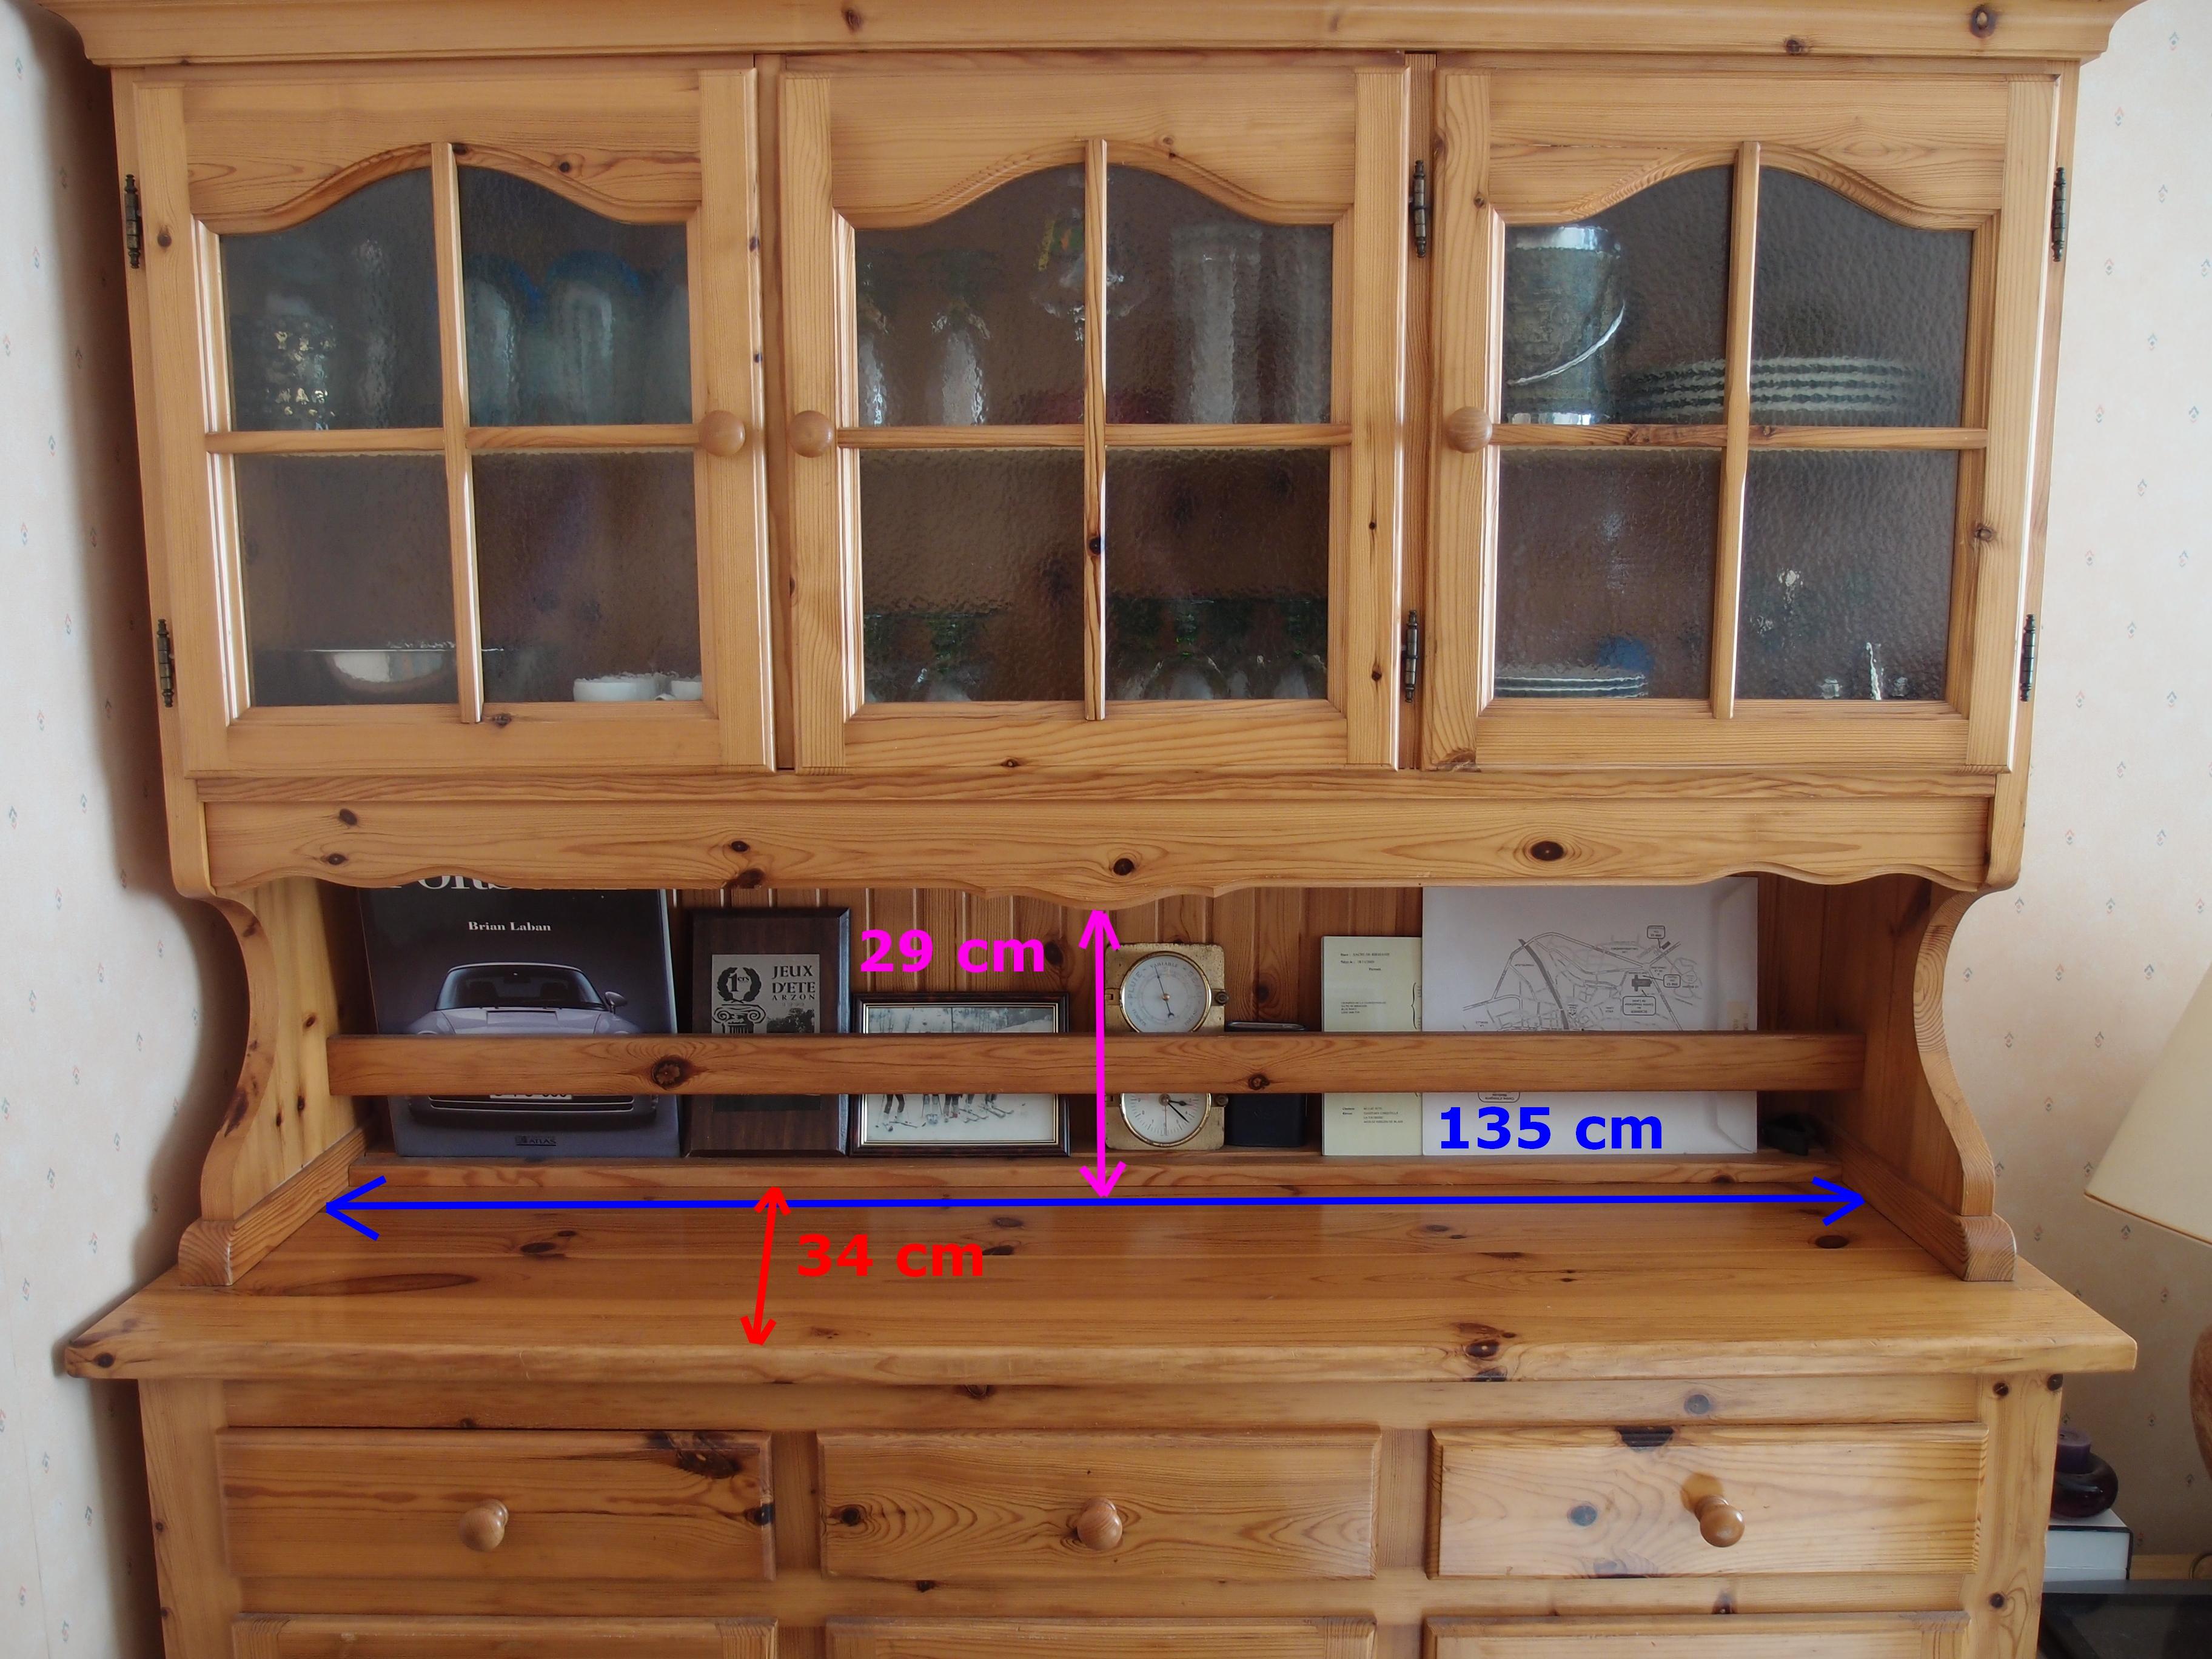 Idée ou projet d'une intégration de bac dans un meuble 293556meublevide